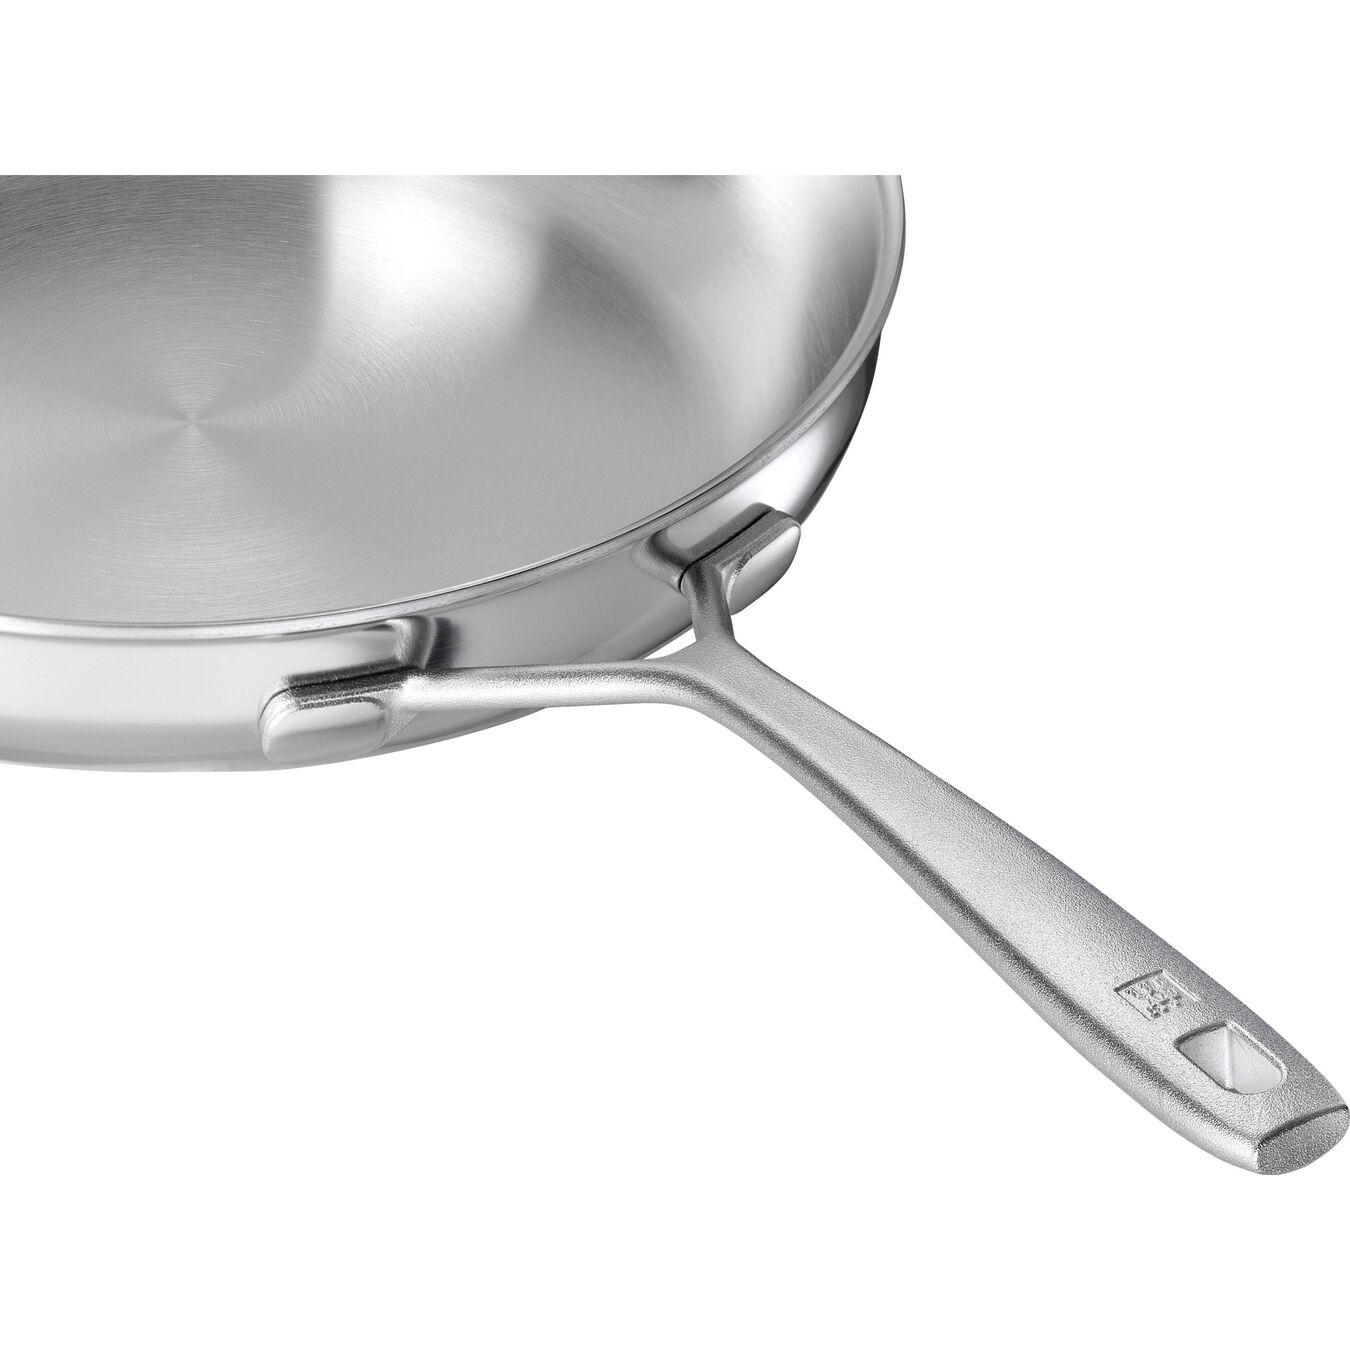 Padella - 28 cm, 18/10 Acciaio inossidabile,,large 5